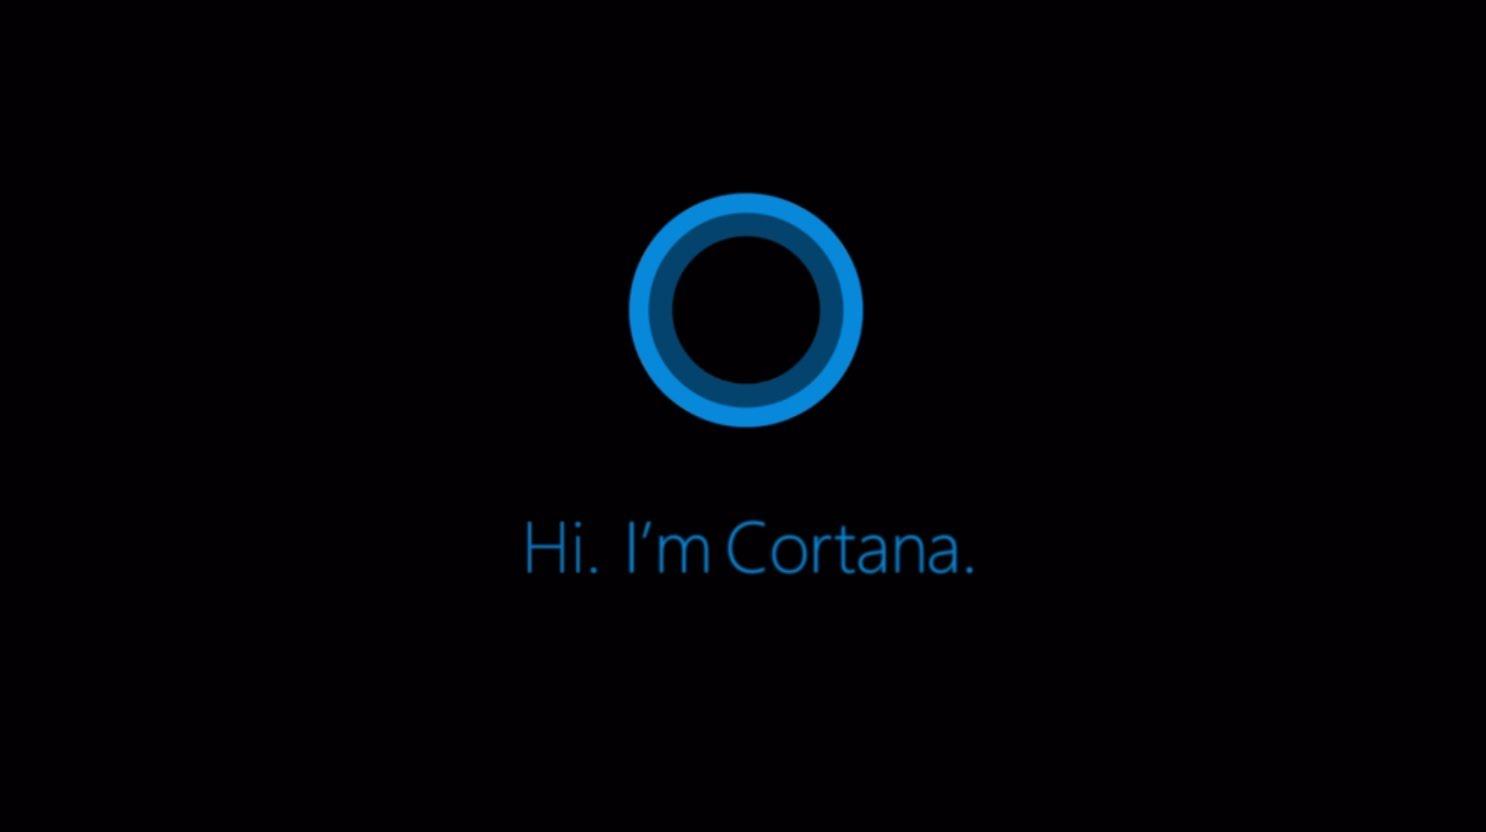 Cortana presto su iOS e Android in una versione migliorata